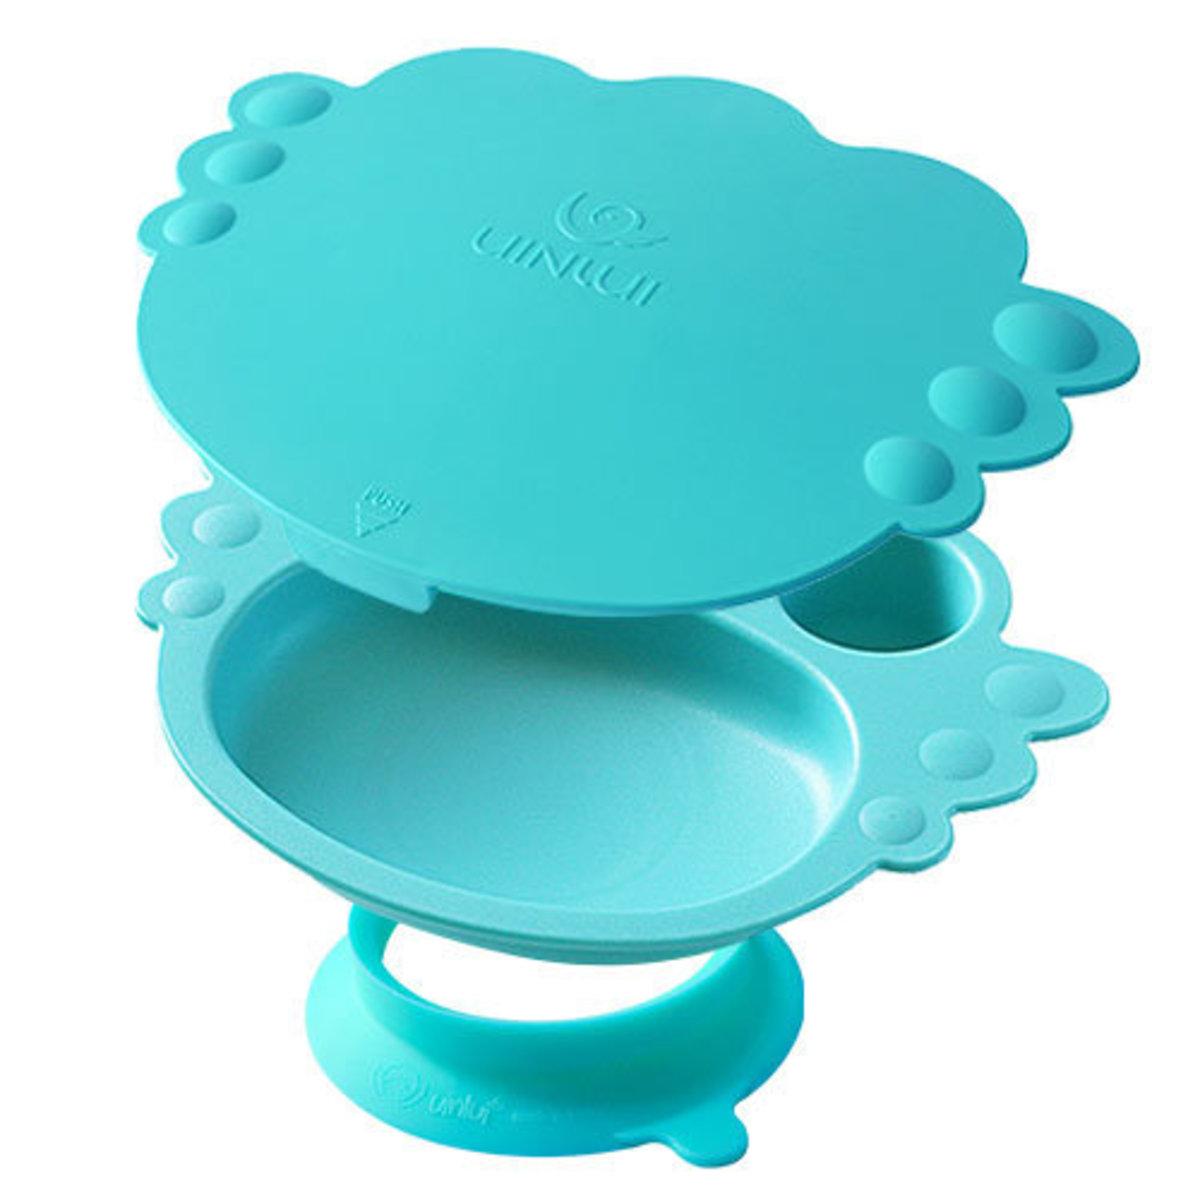 UINLUI (UL003) 吸盤分間碟 水藍色